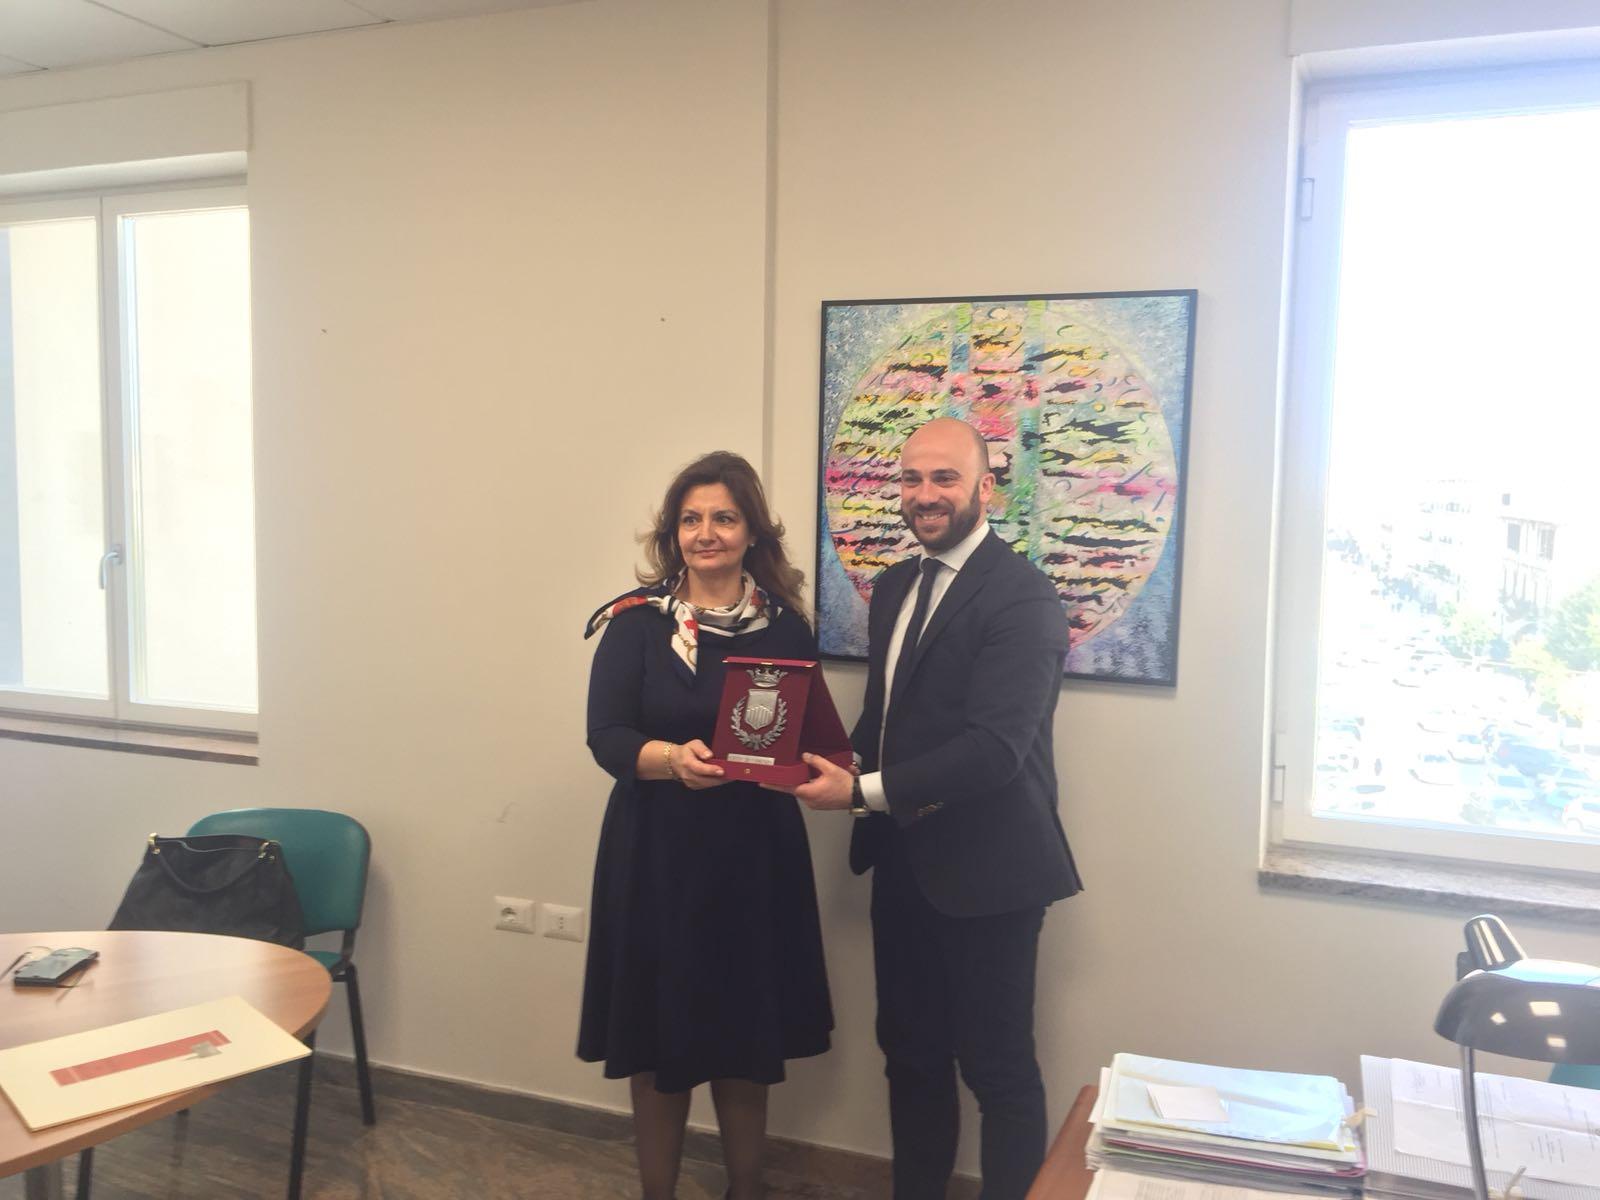 il Console Generale di Romania e il Presidente del Consiglio comunale Pierluigi Caputo